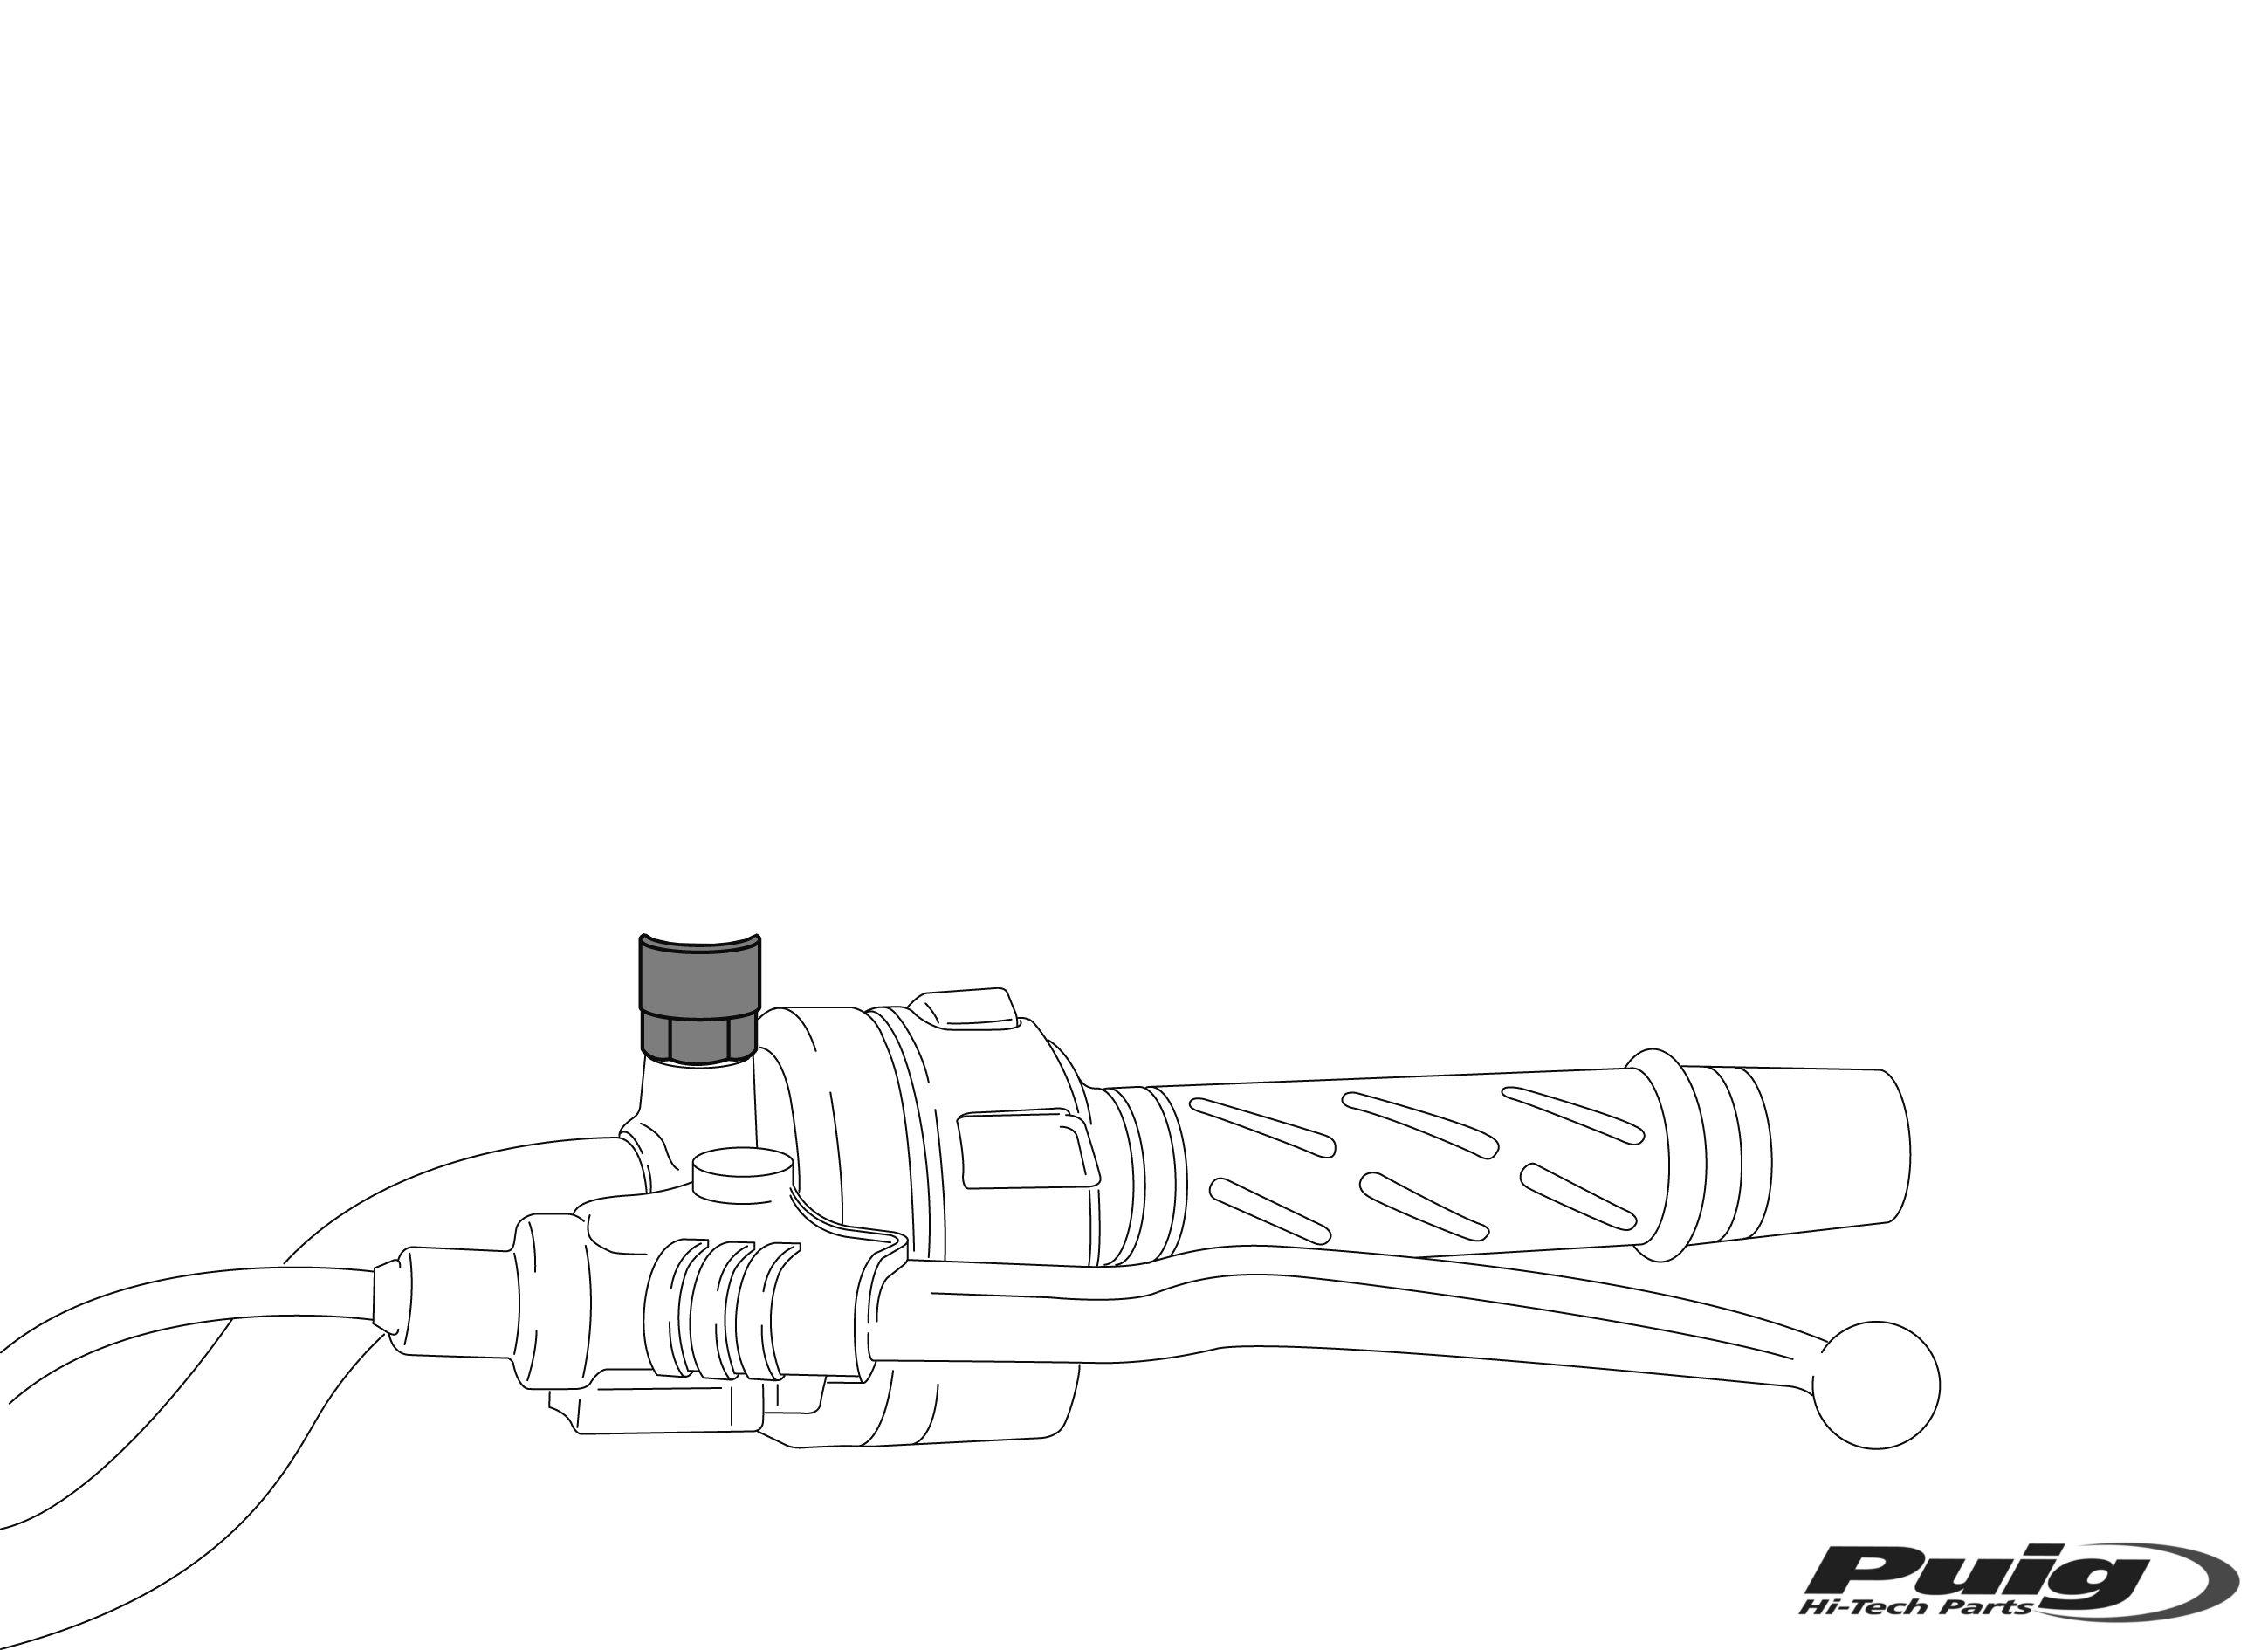 Adaptador para retrovisores Puig 9271N lado derecho para BMW (mirar modelos compatibles)